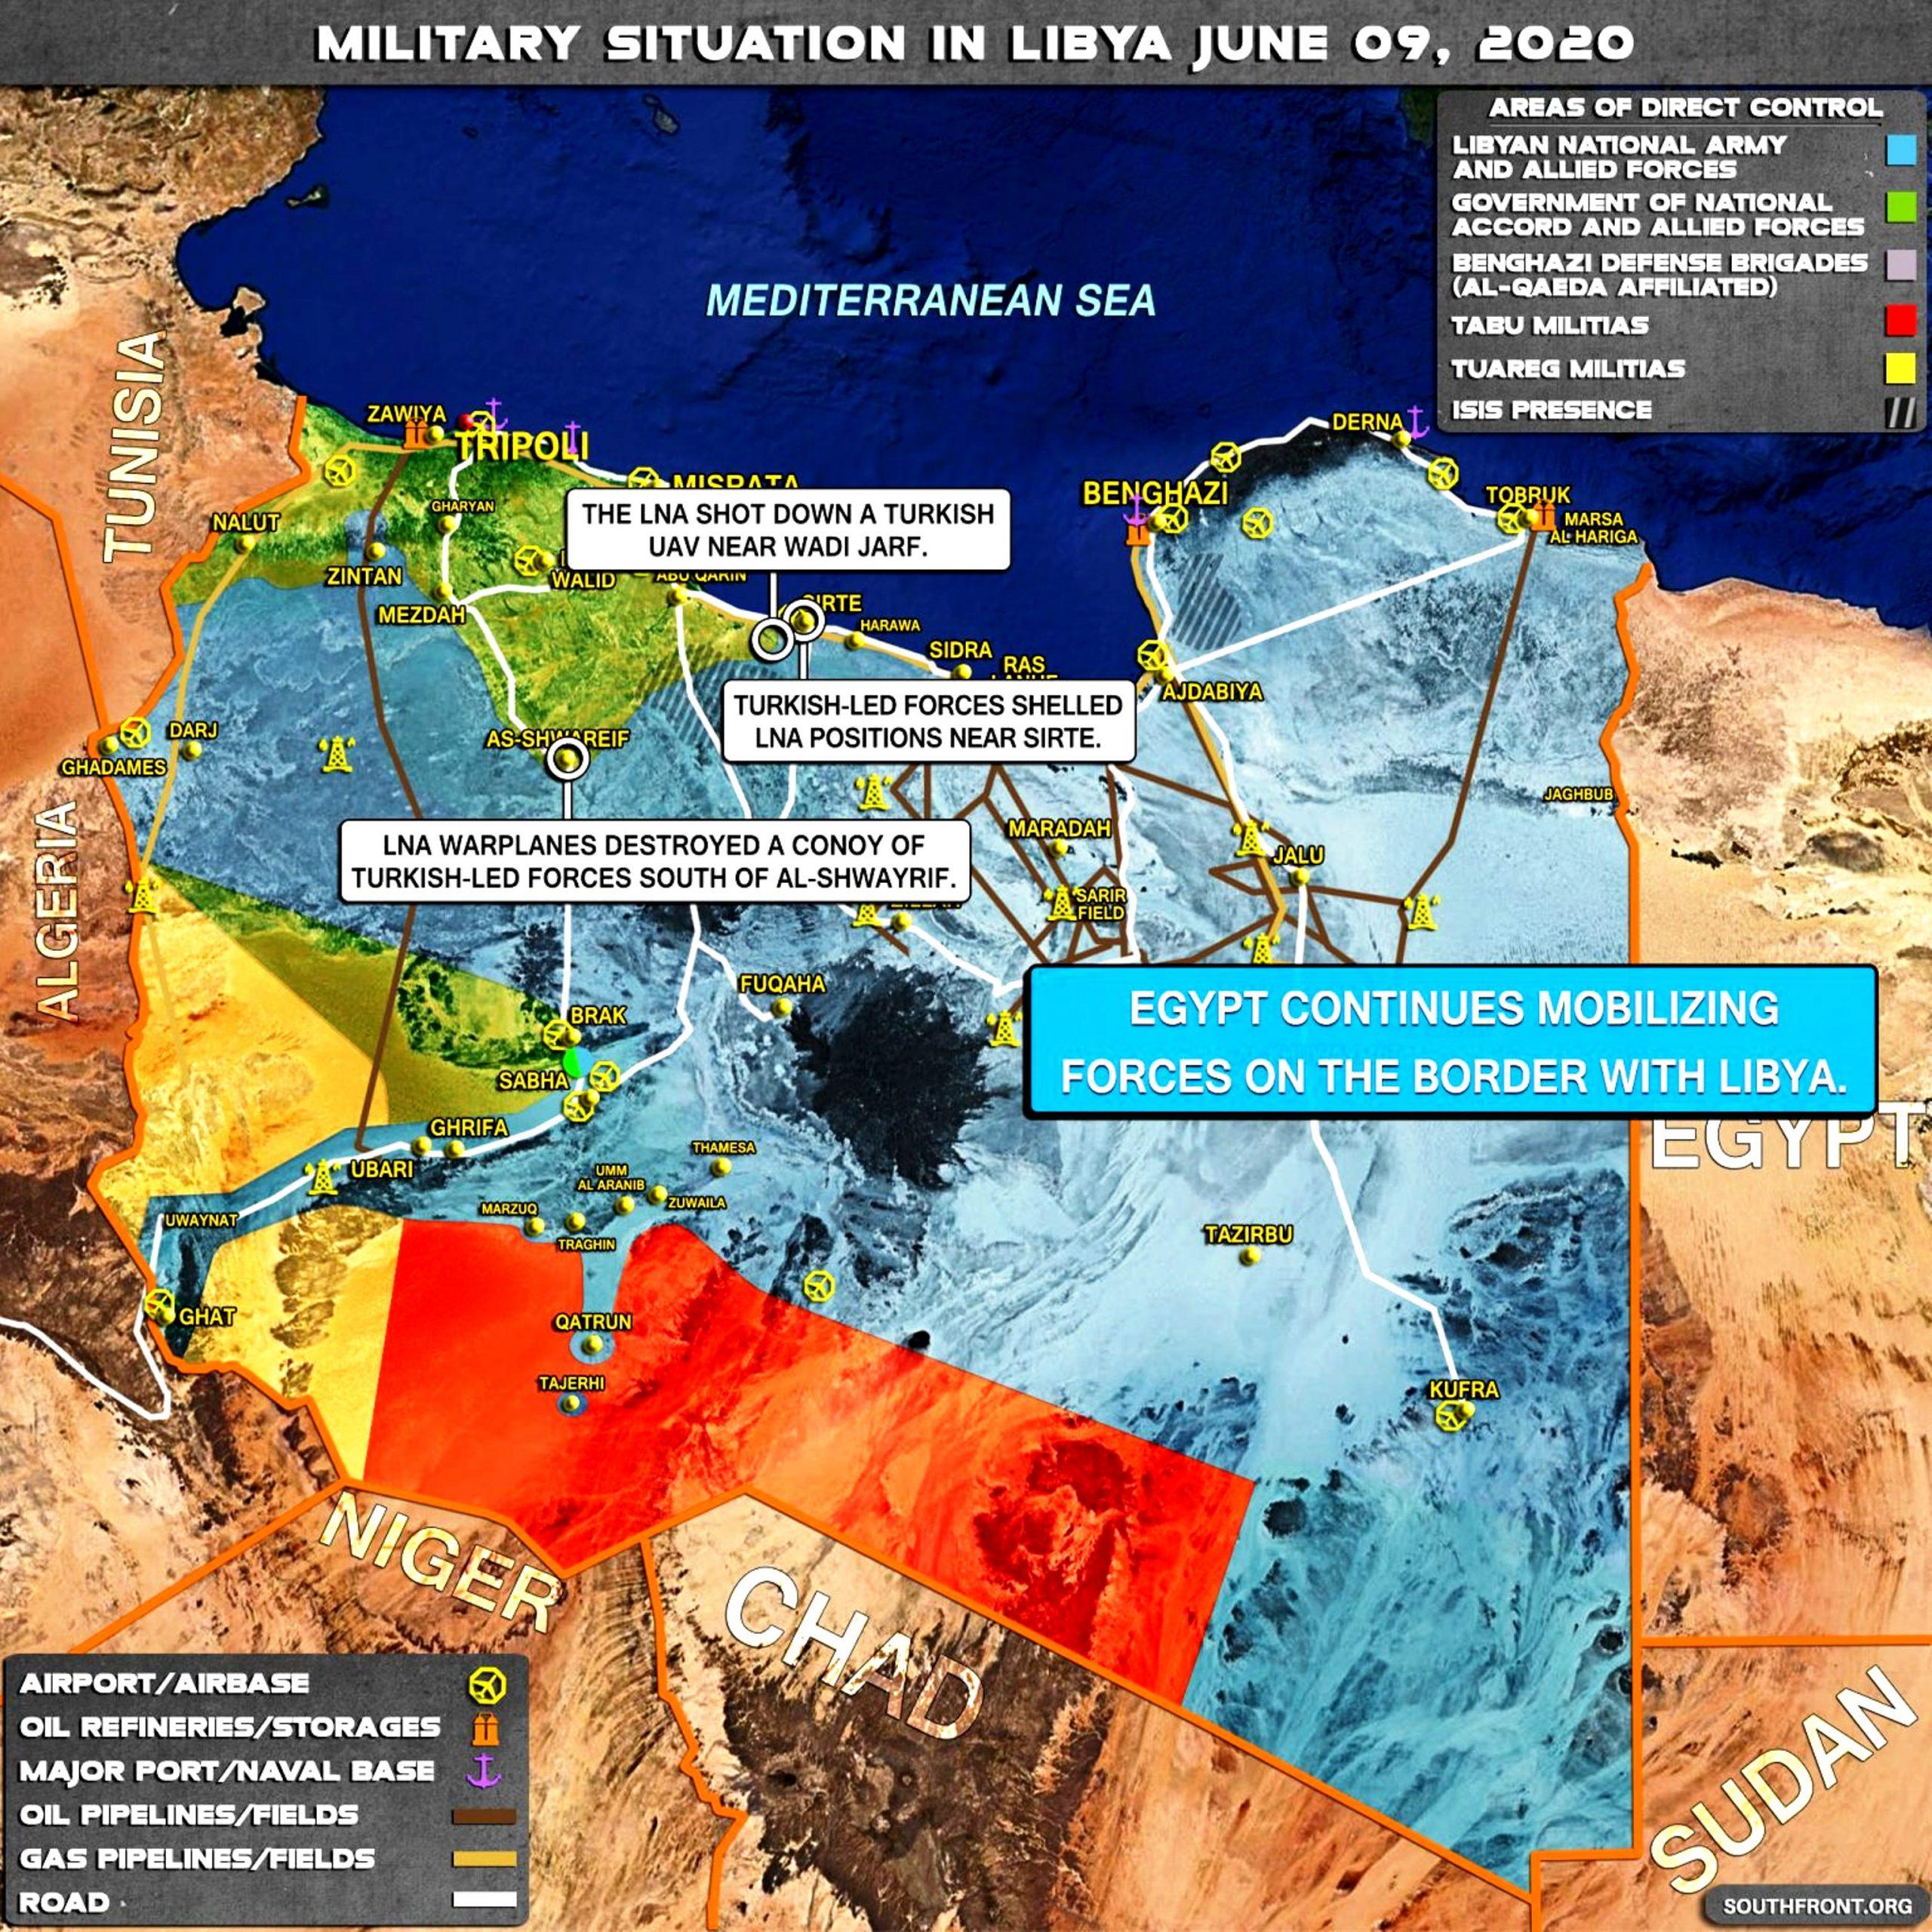 Η Ρωσία προσπαθεί να παγώσει τη σύγκρουση στη Λιβύη